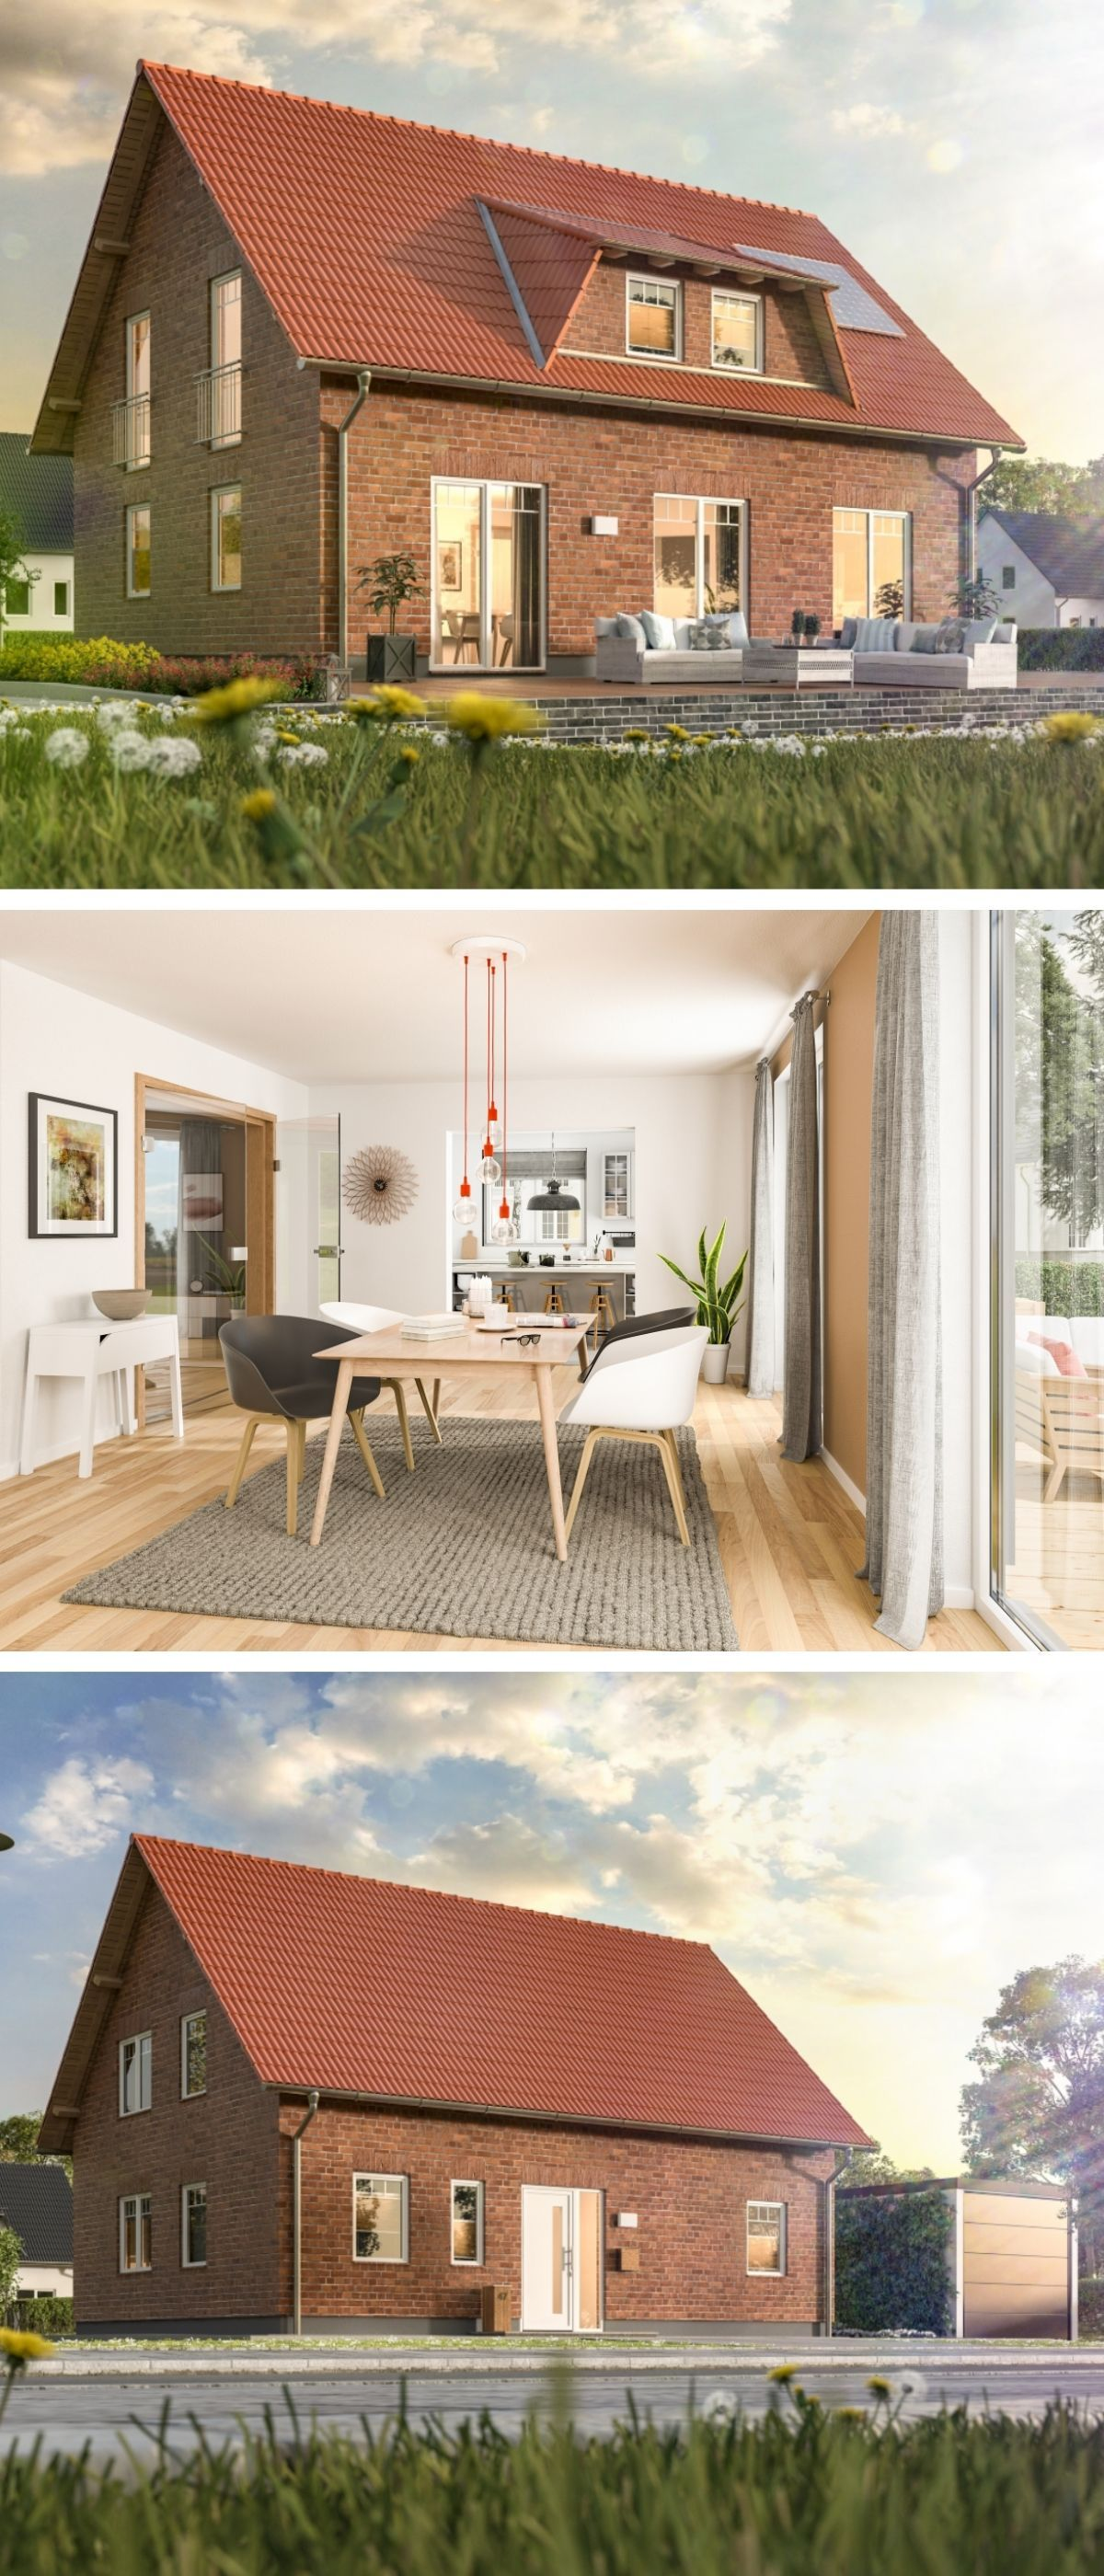 Einfamilienhaus Architektur im Landhausstil mit Klinker ...